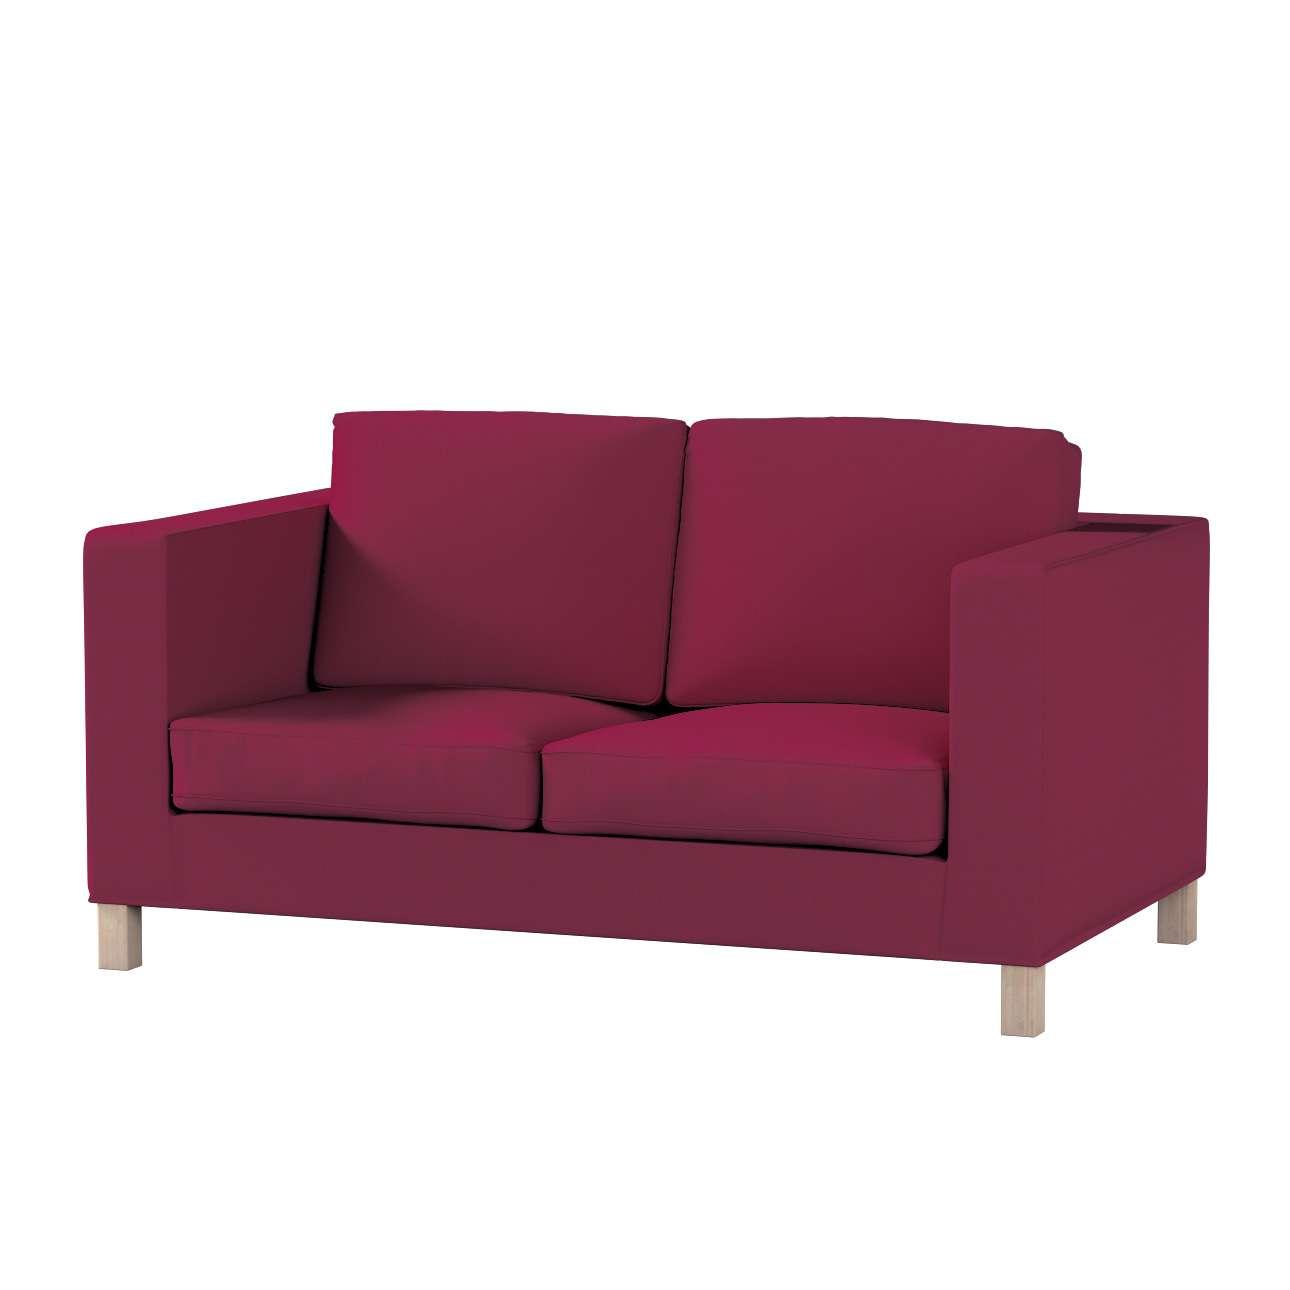 KARLANDA dvivietės sofos užvalkalas KARLANDA dvivietės sofos užvalkalas kolekcijoje Cotton Panama, audinys: 702-32